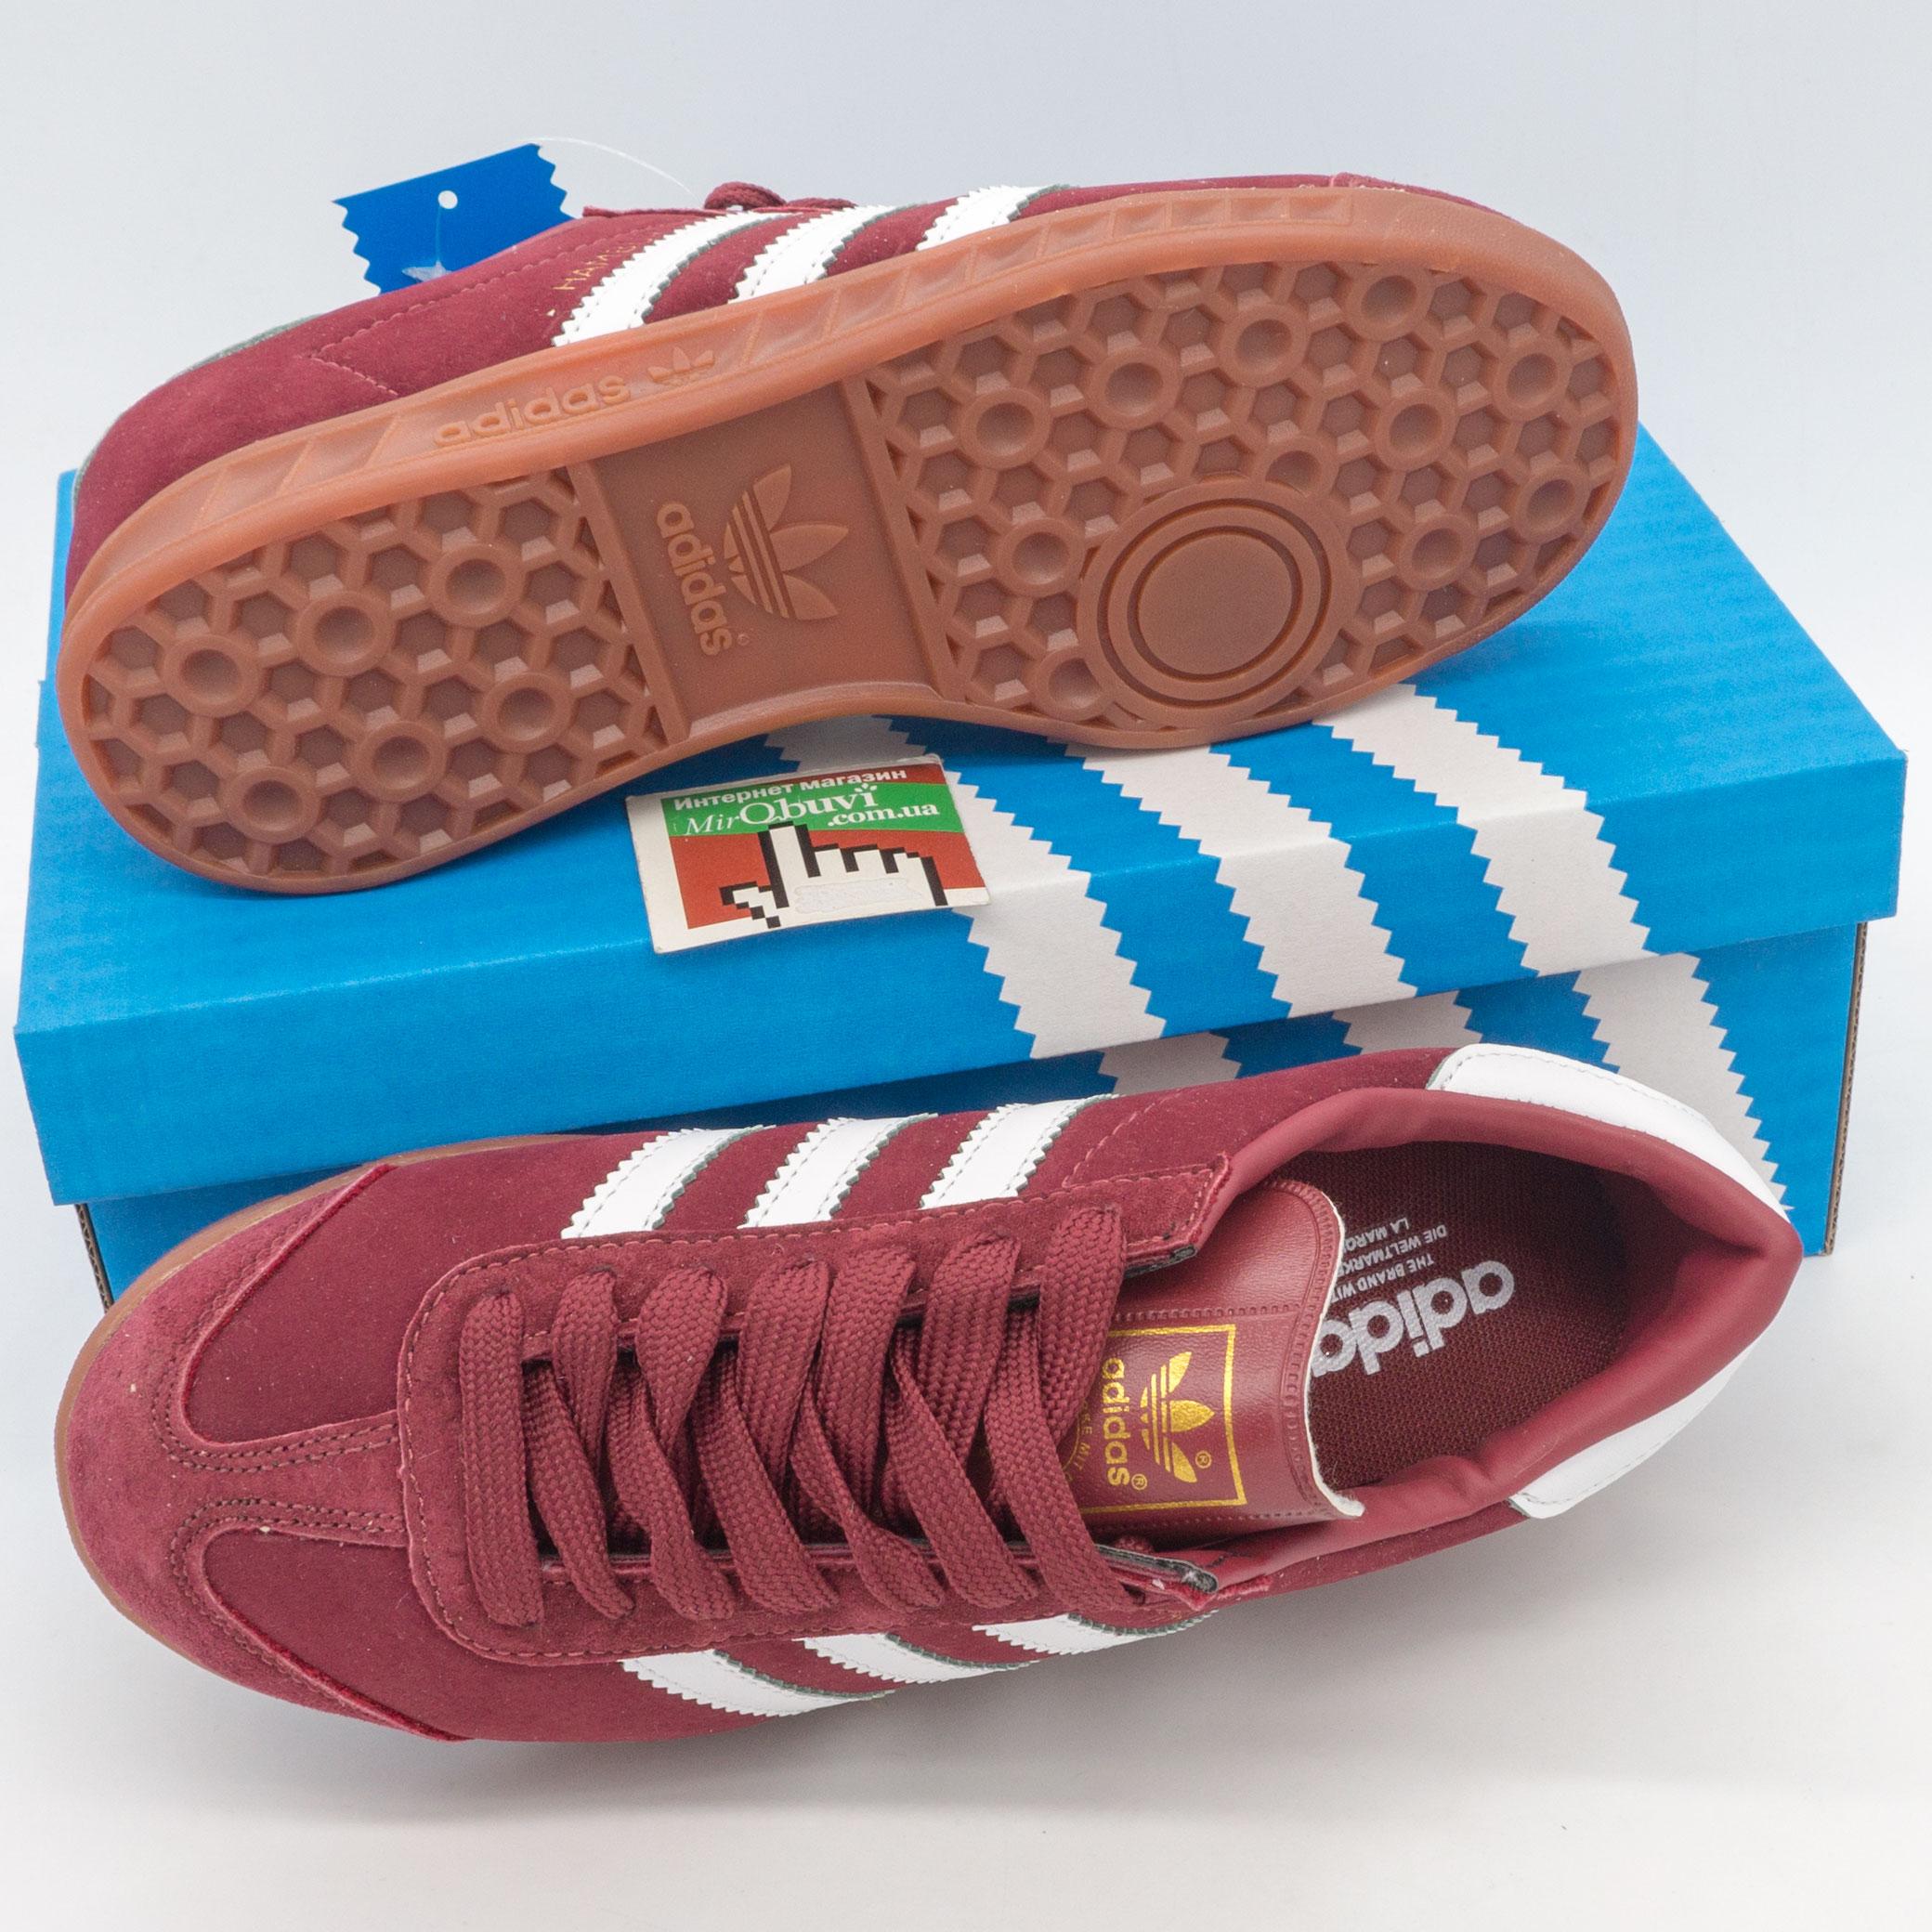 фото bottom Бордовые женские кроссовки Adidas Hamburg - Vietnam bottom